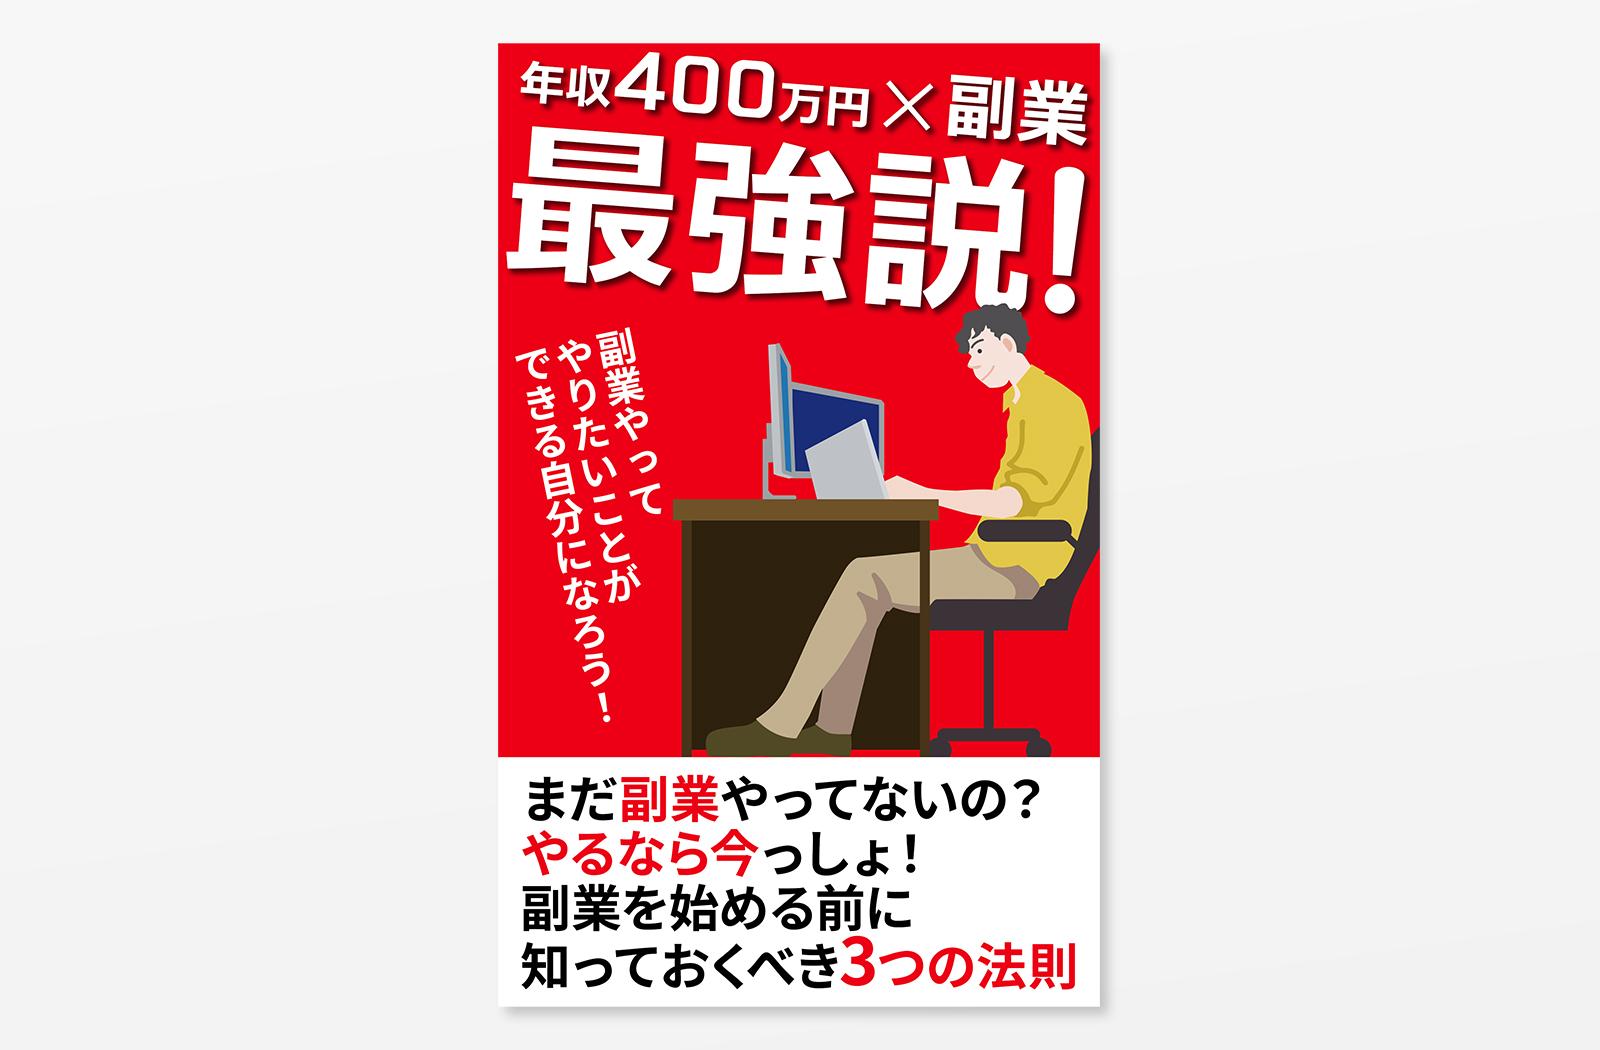 年収400万円 x 副業 最強説!